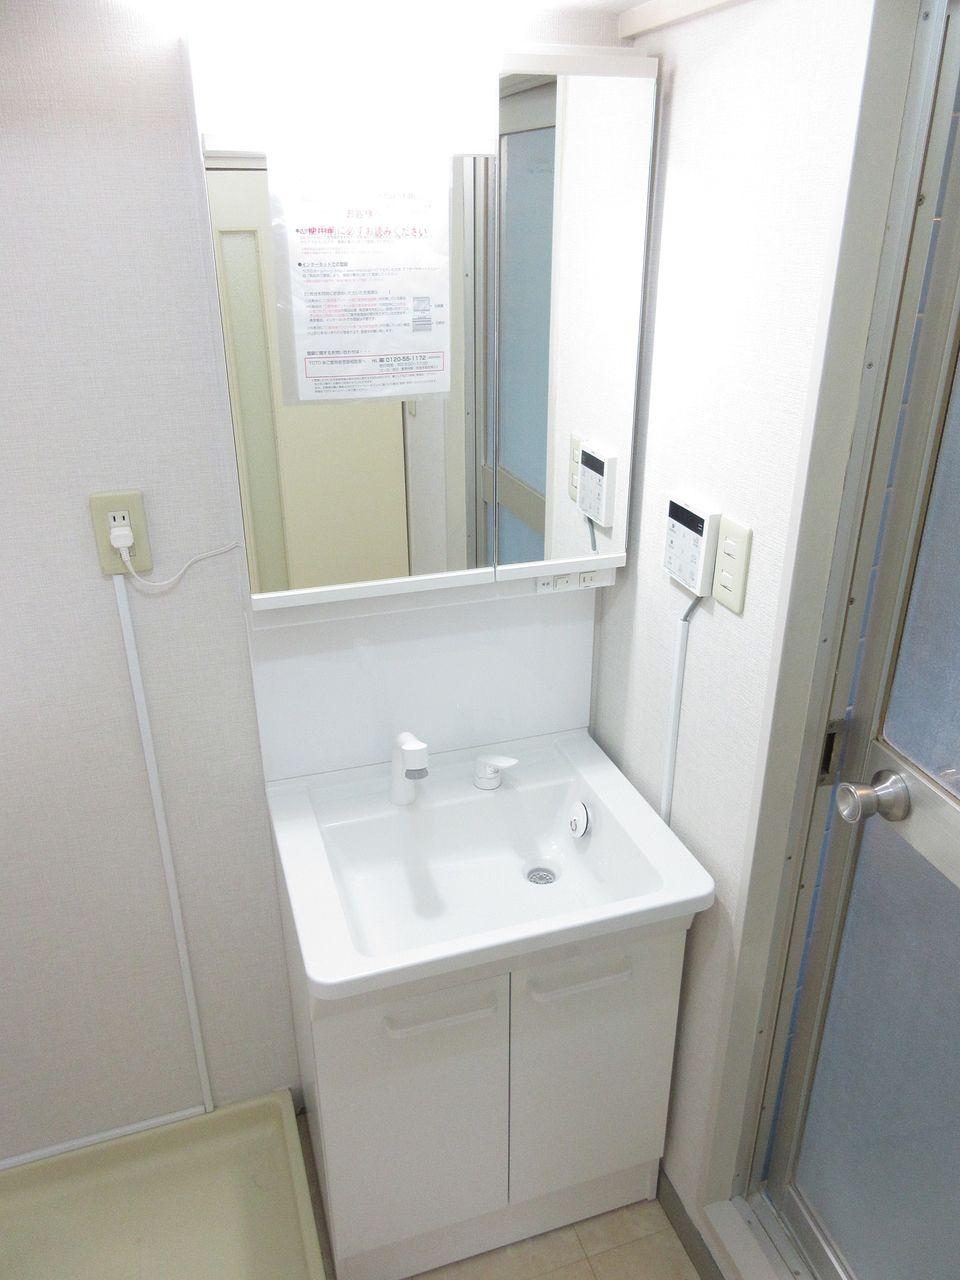 清潔感溢れるスタイリッシュなデザインの洗面化粧台です